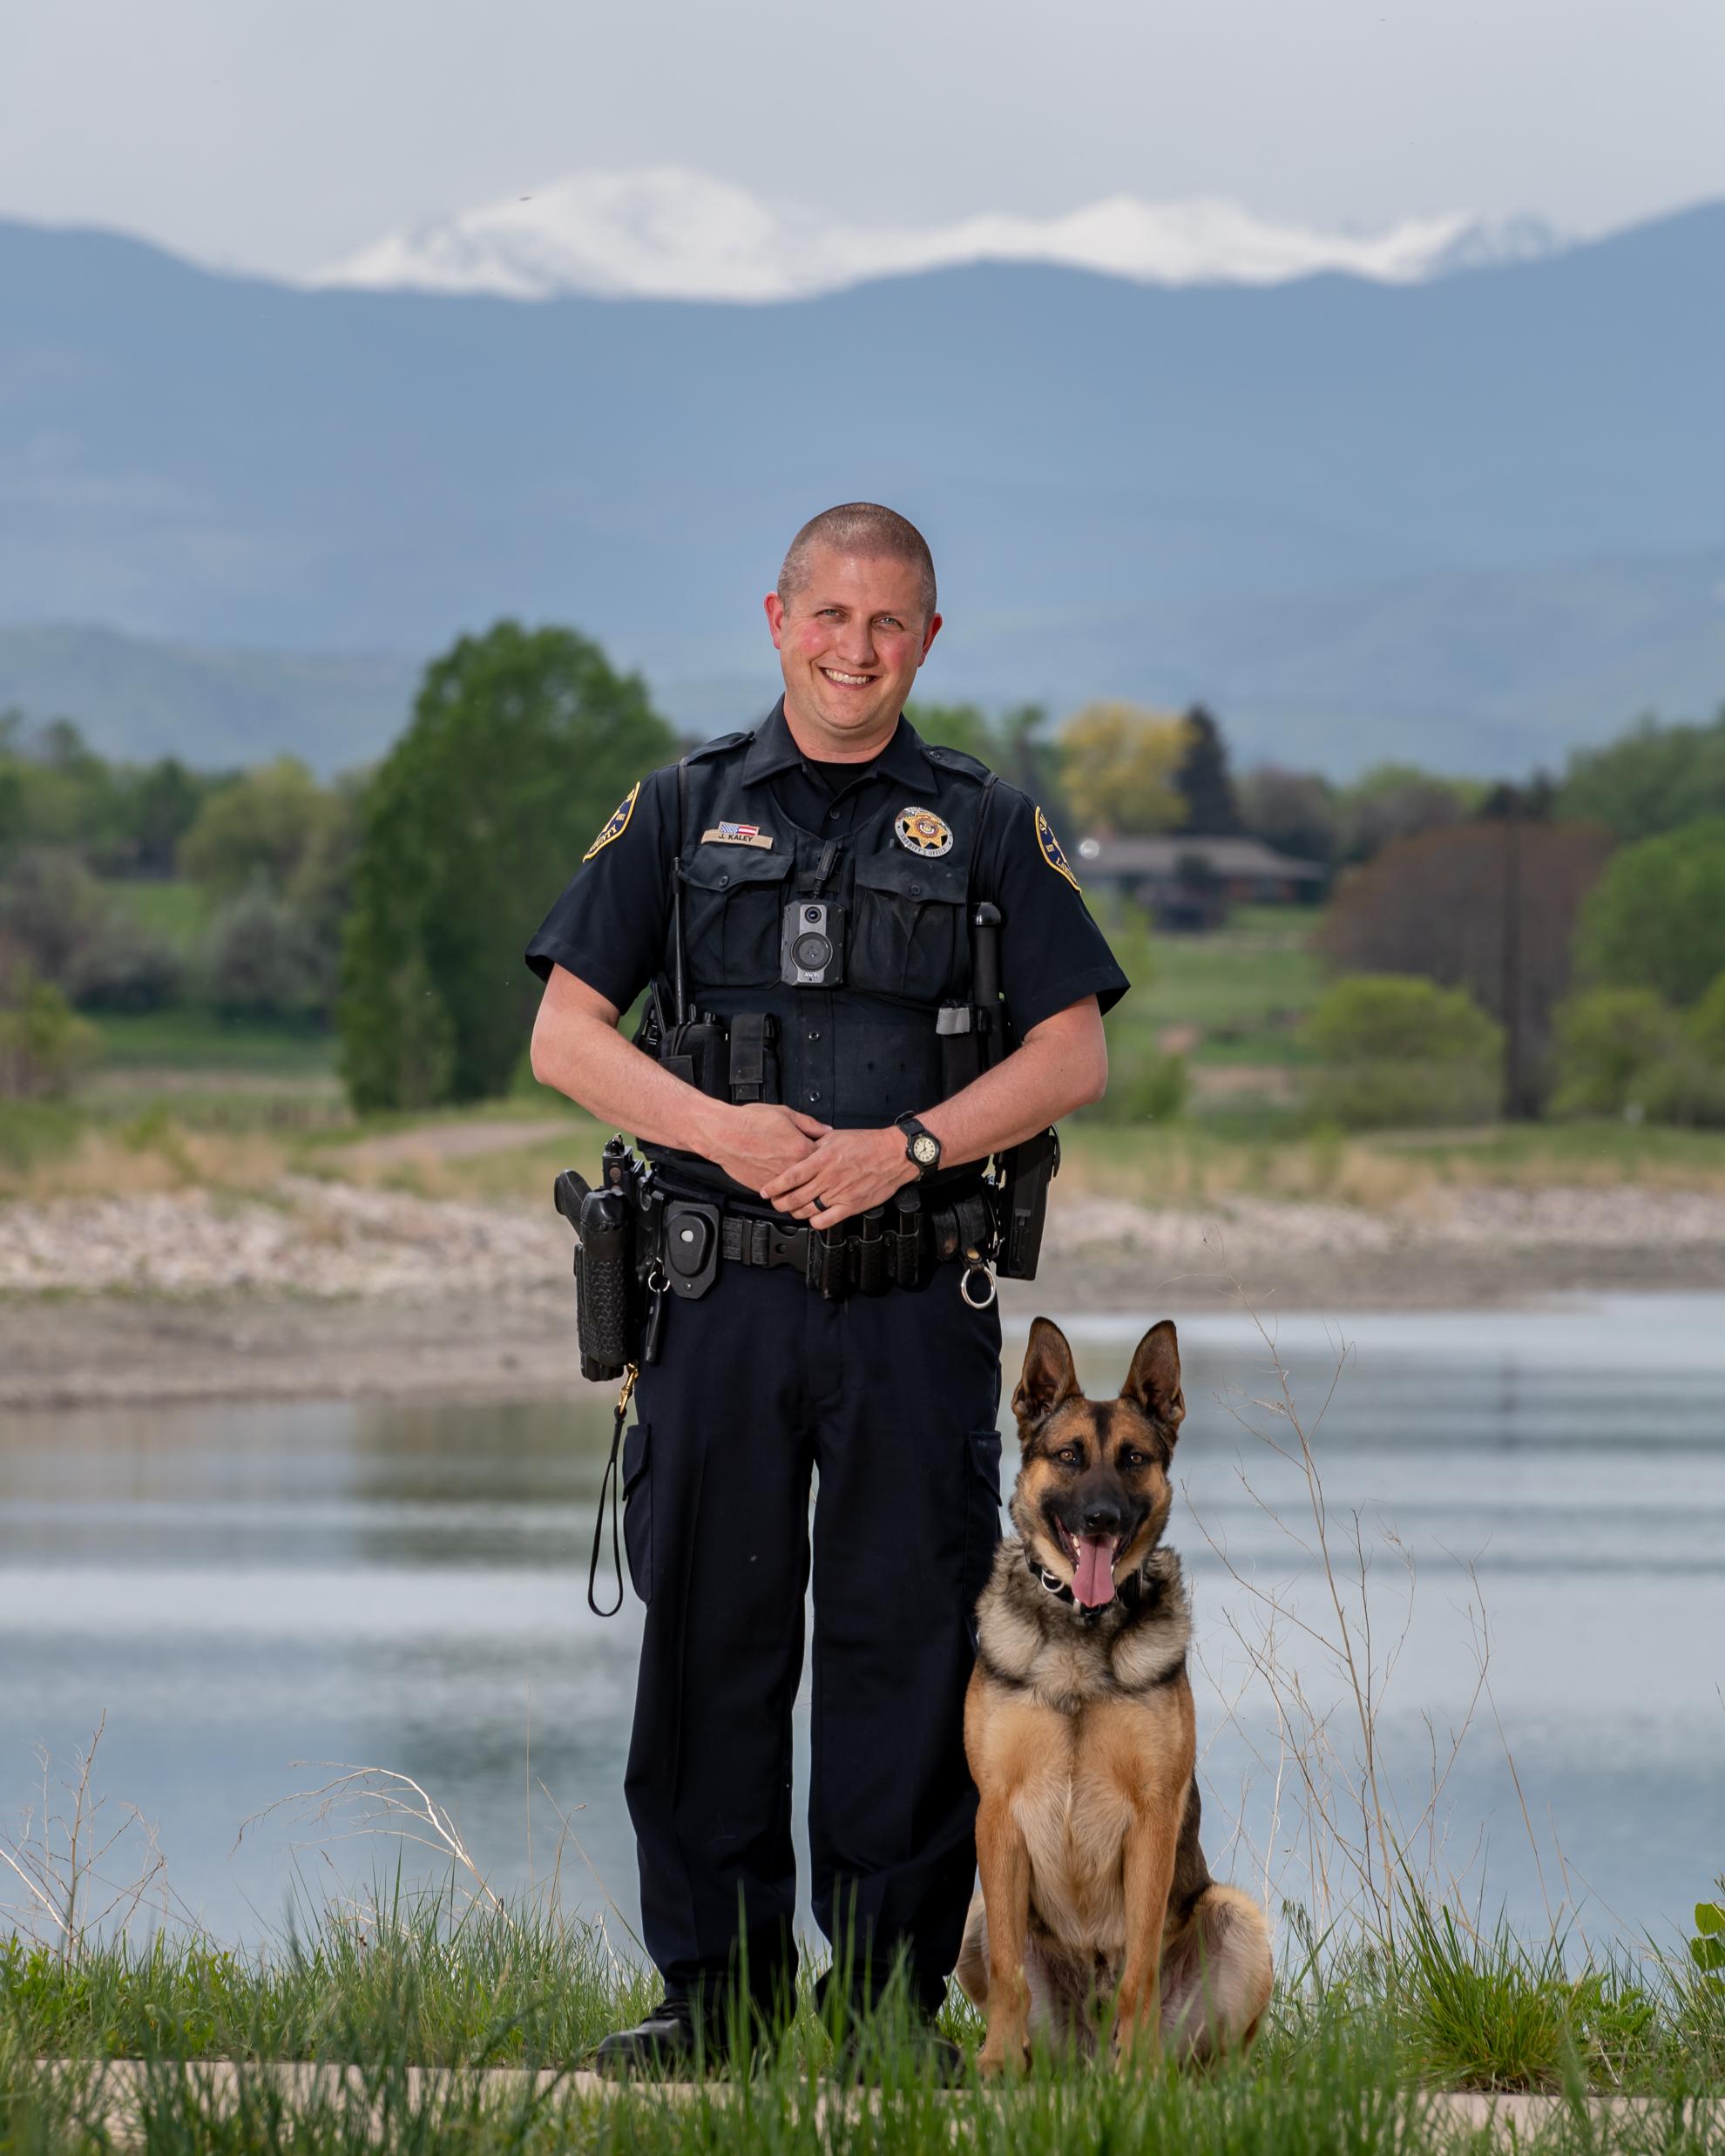 Image 7: Deputy Jeff Kaley and K9 Lukin (German Shepherd)